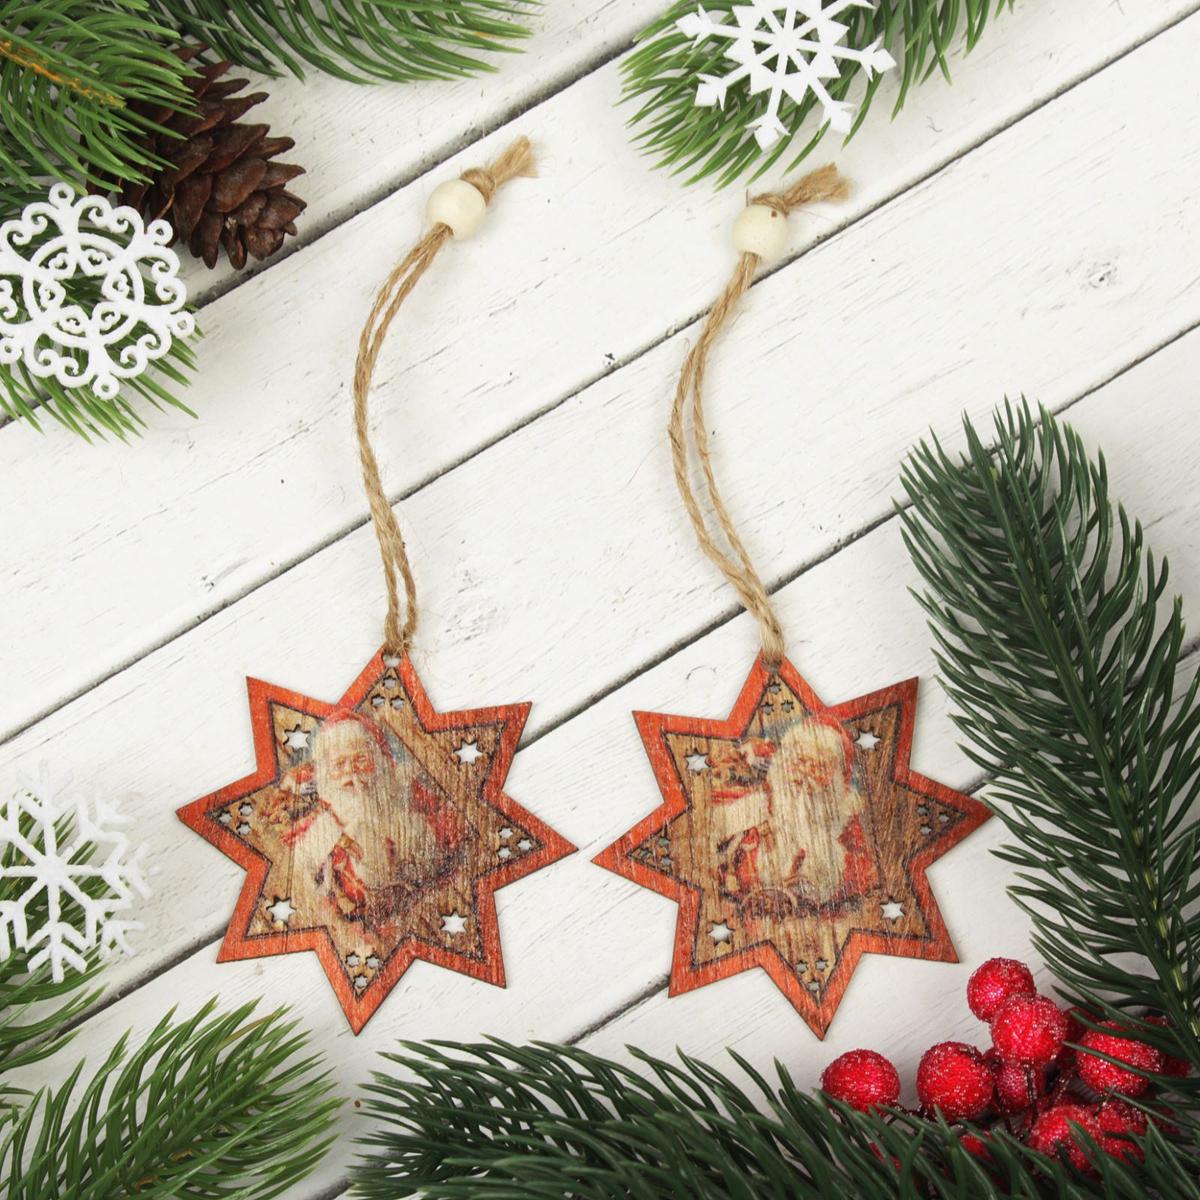 Украшение новогоднее подвесное Дед Мороз, 2 шт2303266Набор новогодних подвесных украшений, выполненных из дерева, отлично подойдет для декорации вашего дома и новогодней ели. С помощью специальной петельки украшение можно повесить в любом понравившемся вам месте. Но, конечно, удачнее всего оно будет смотреться на праздничной елке.Елочная игрушка - символ Нового года. Она несет в себе волшебство и красоту праздника. Такое украшение создаст в вашем доме атмосферу праздника, веселья и радости.В комплекте 2 украшения.